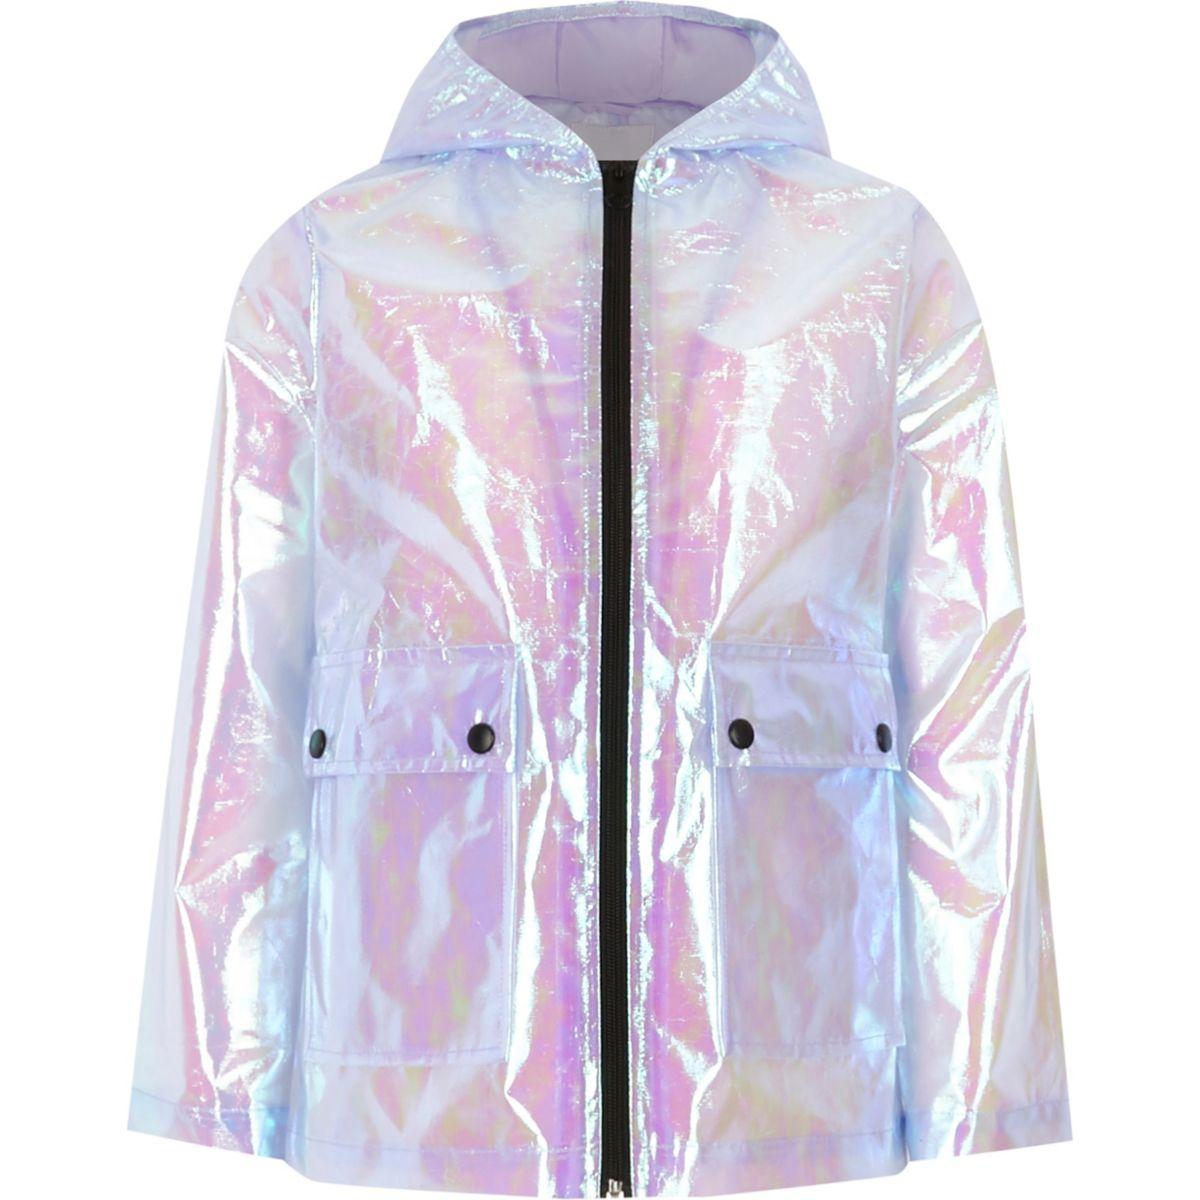 Girls purple iridescent rain mac